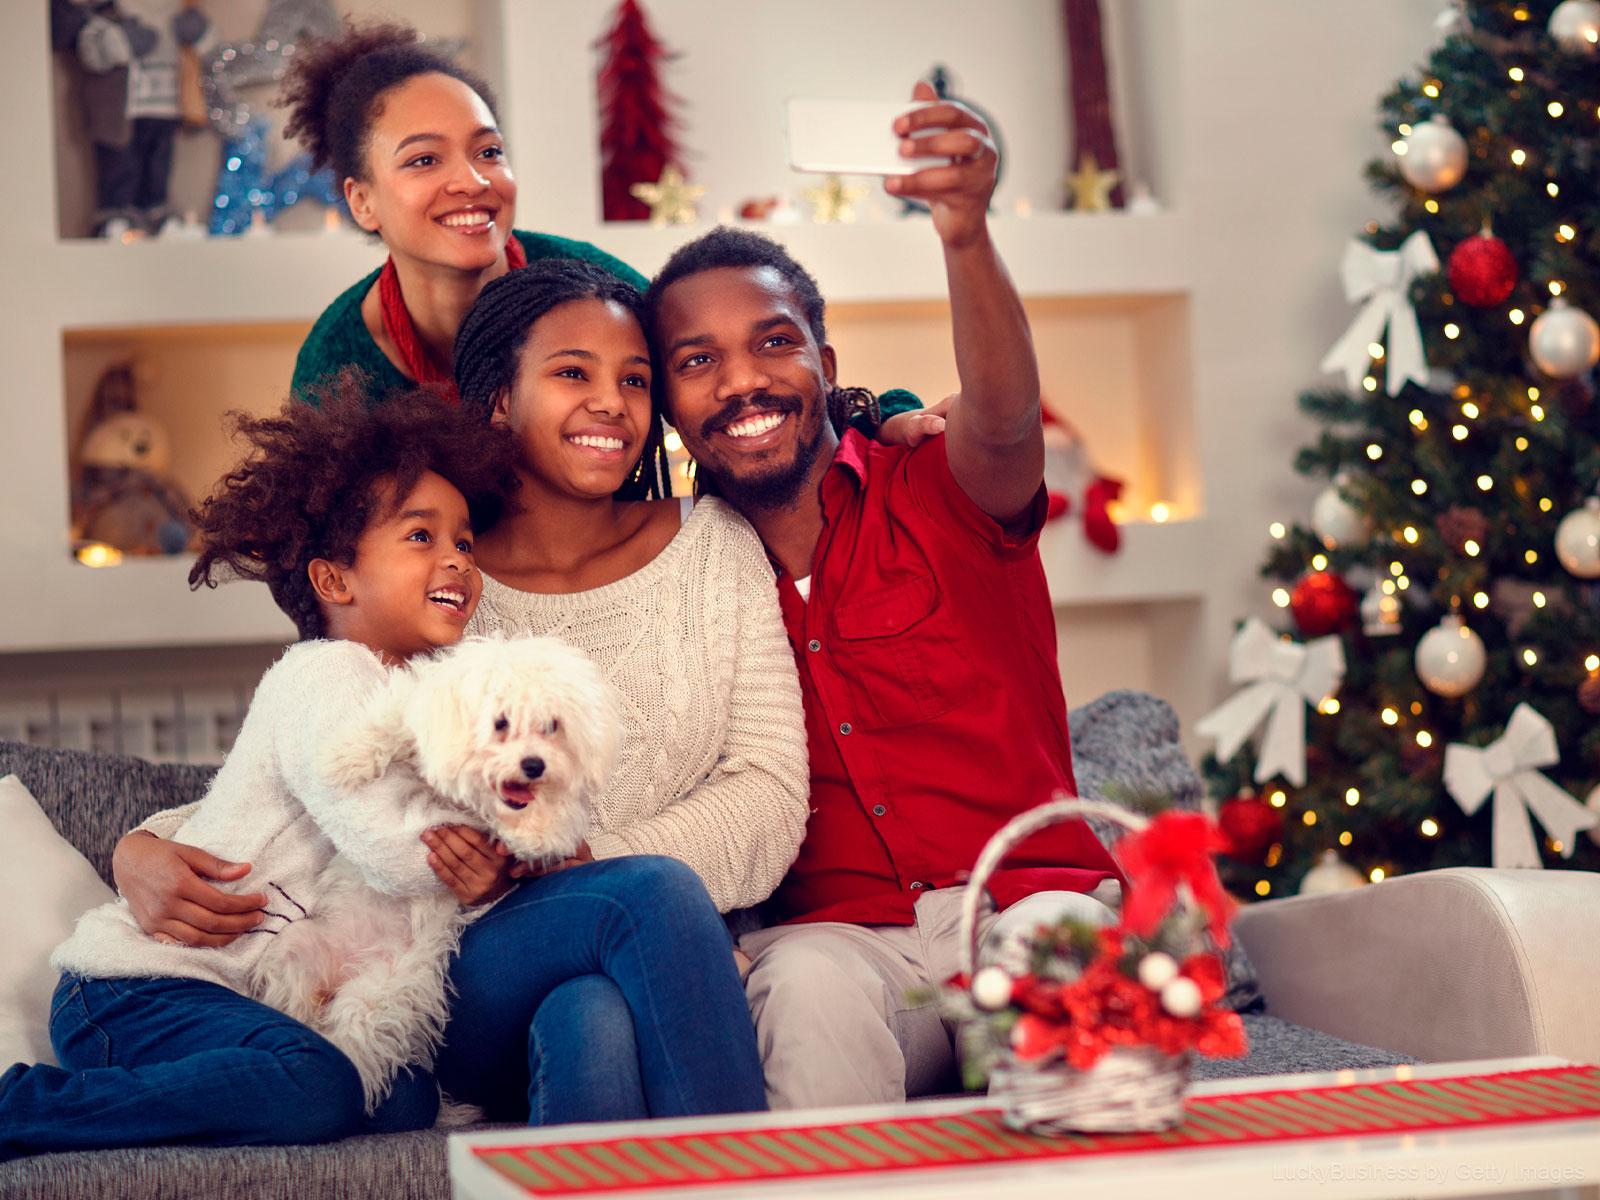 Como podemos ter um Feliz Natal